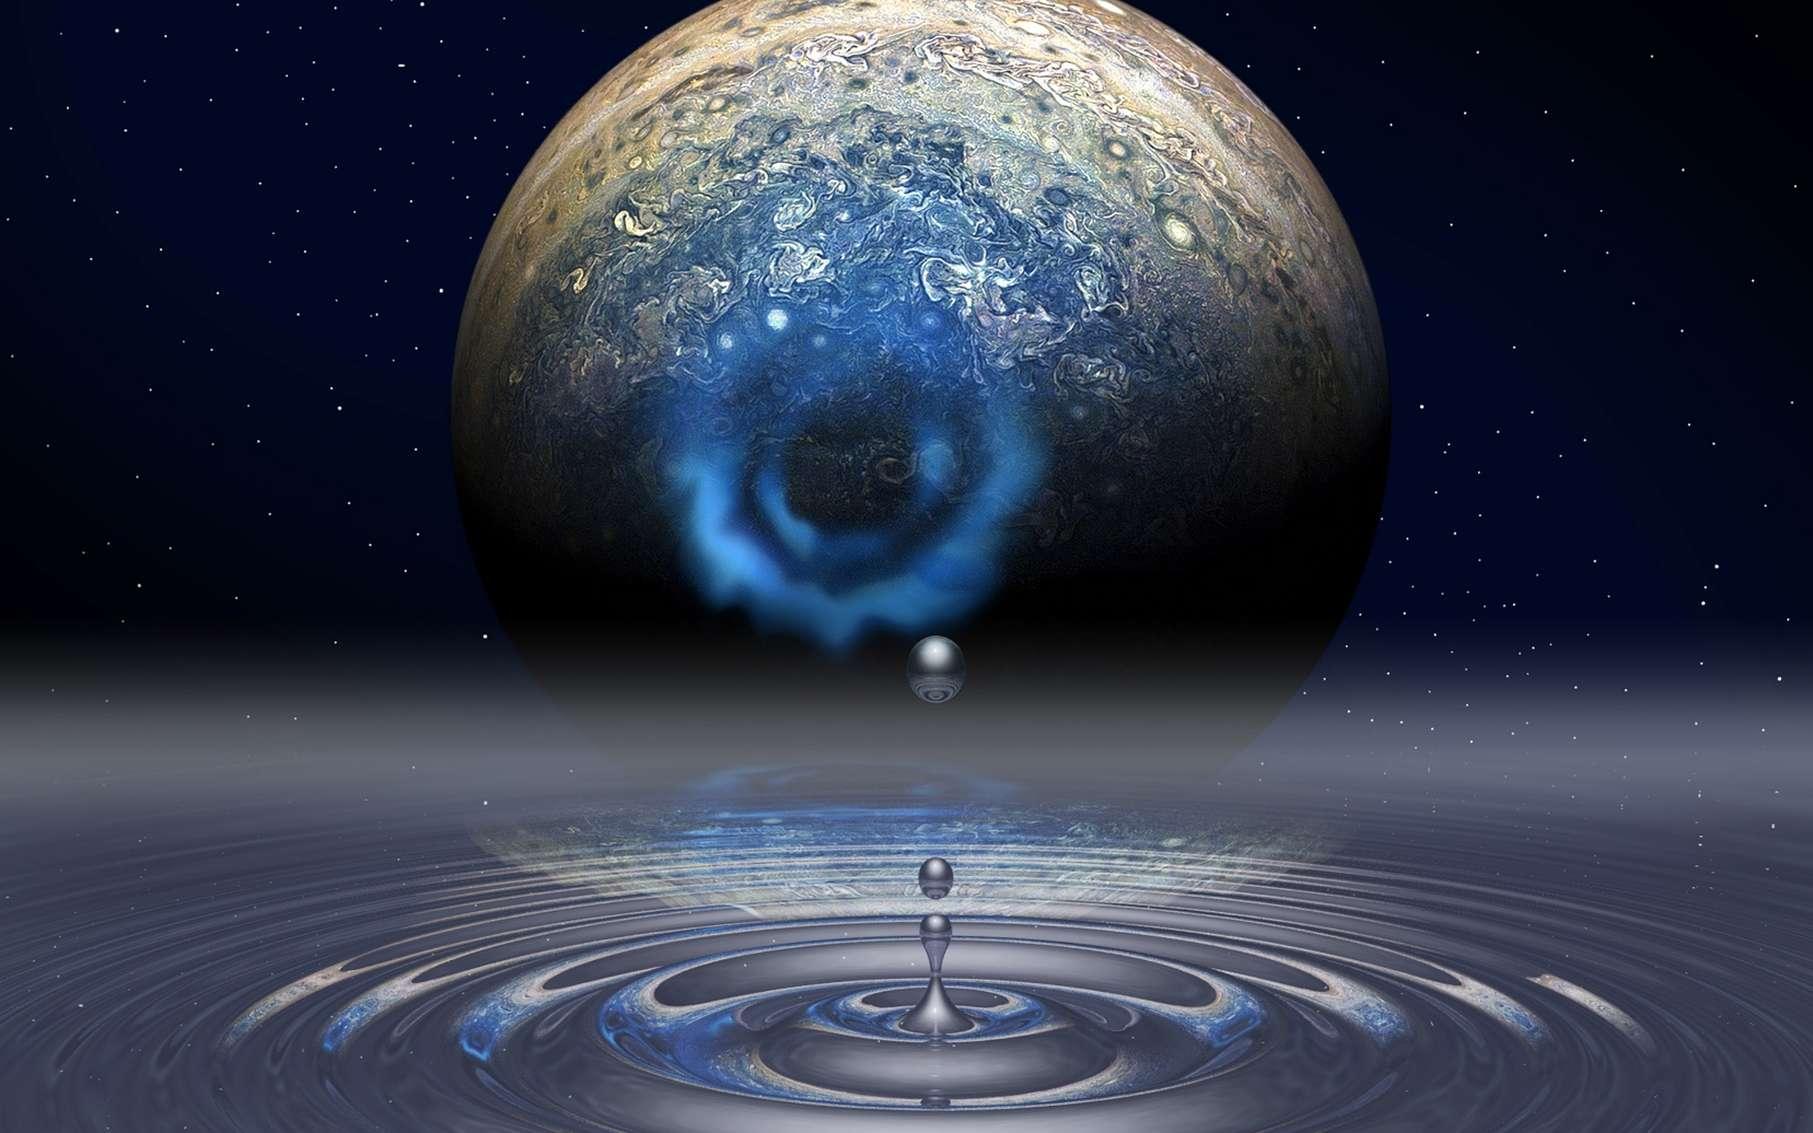 L'étude de l'hydrogène métallique nous permettrait de mieux comprendre Jupiter (la géante gazeuse en contiendrait en son cœur). Cela pourrait aussi nous mener vers la maîtrise d'un supraconducteur à température ambiante, ce qui bouleverserait probablement notre technologie. © Mark Meamber